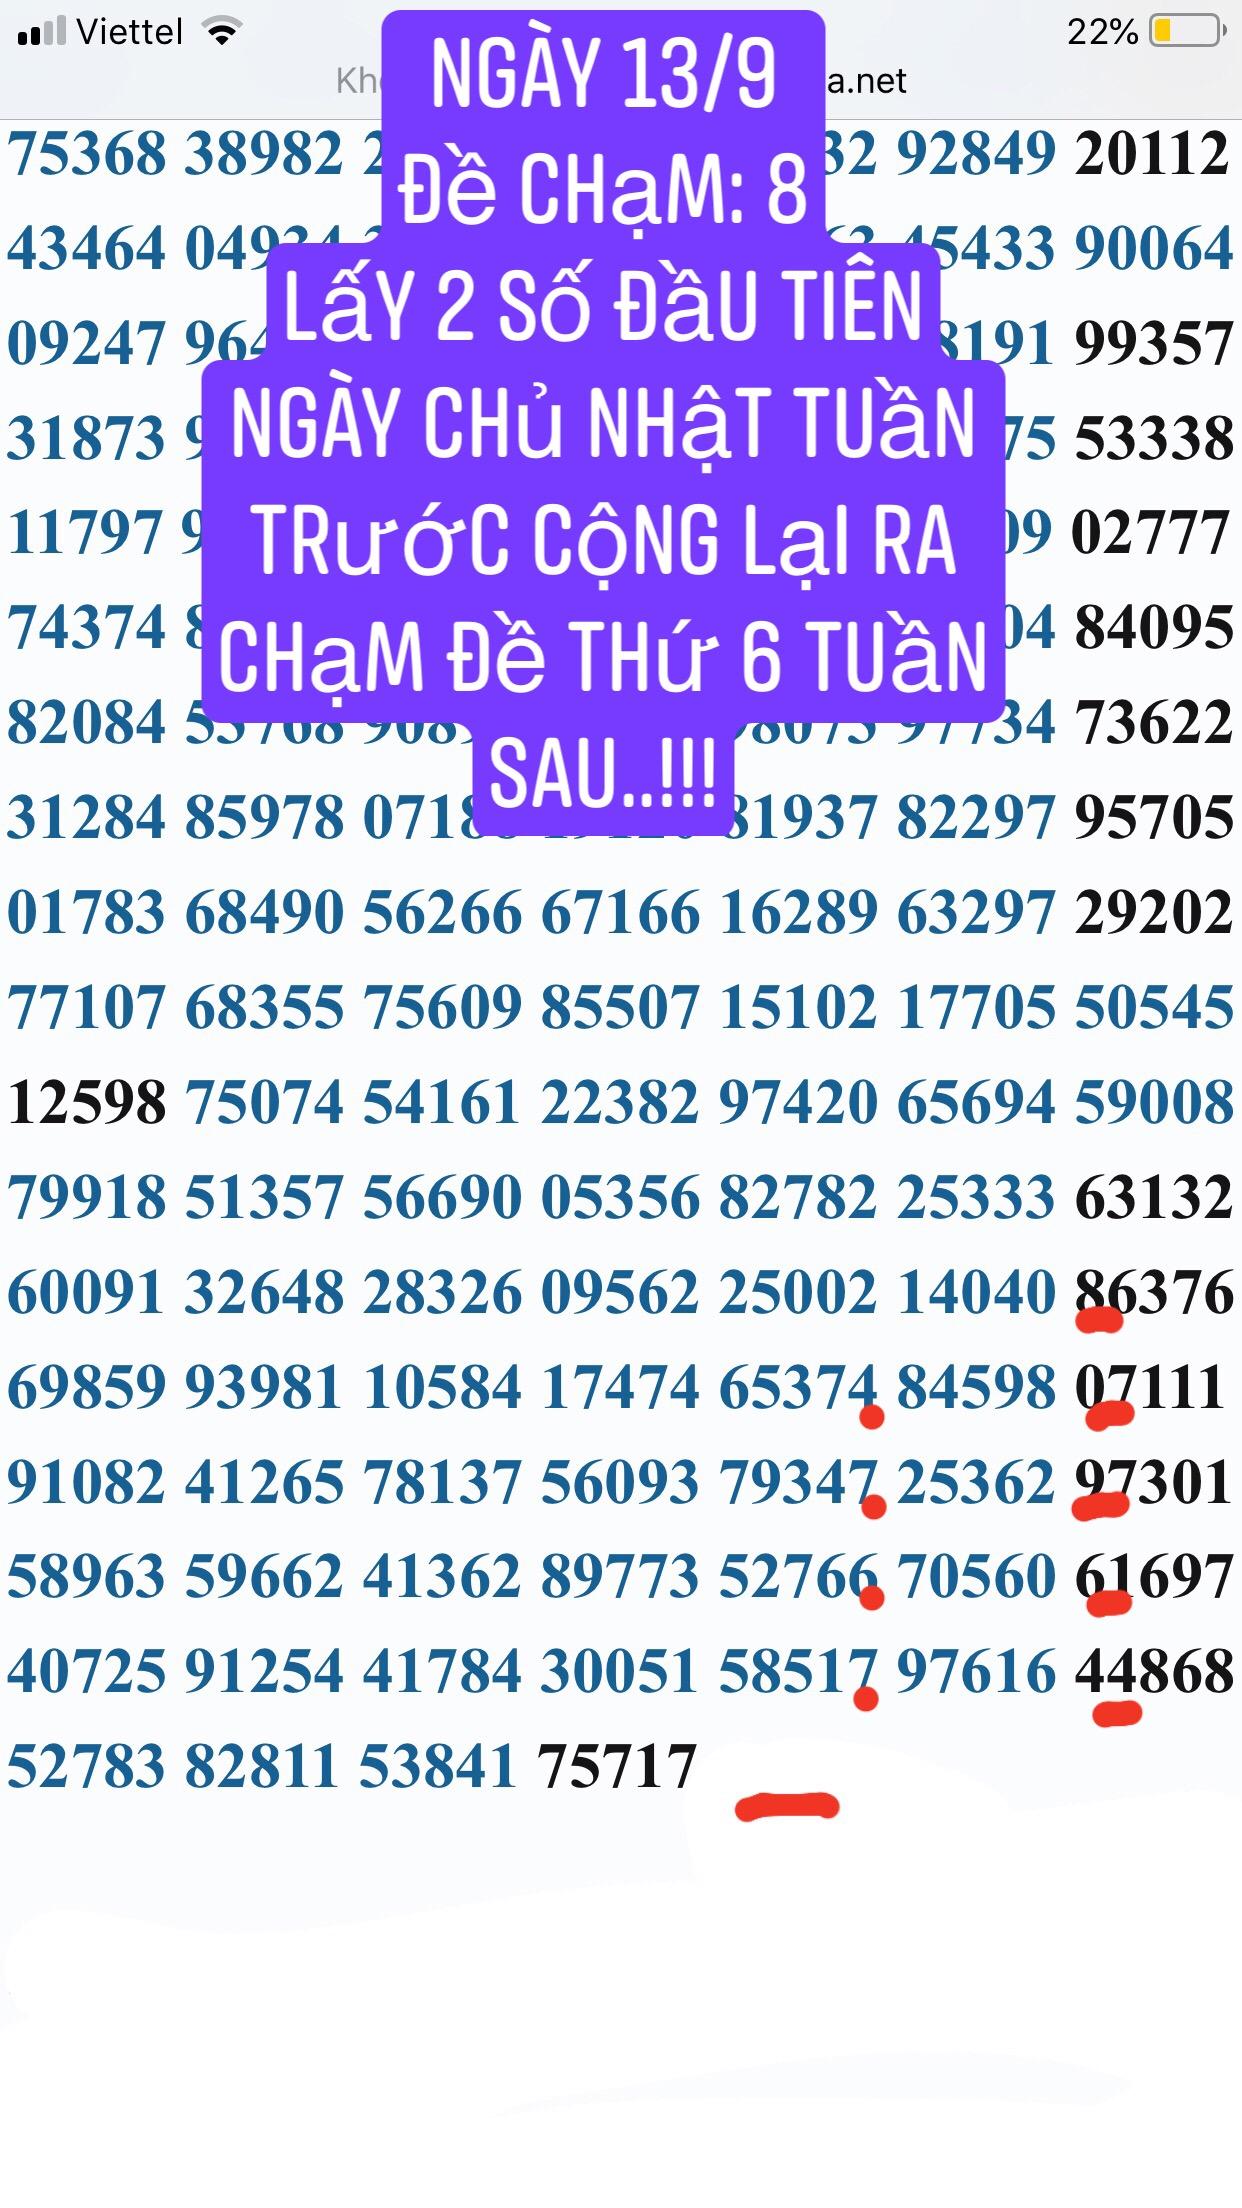 089406B1-0029-440B-BF22-9A0886949559.jpeg